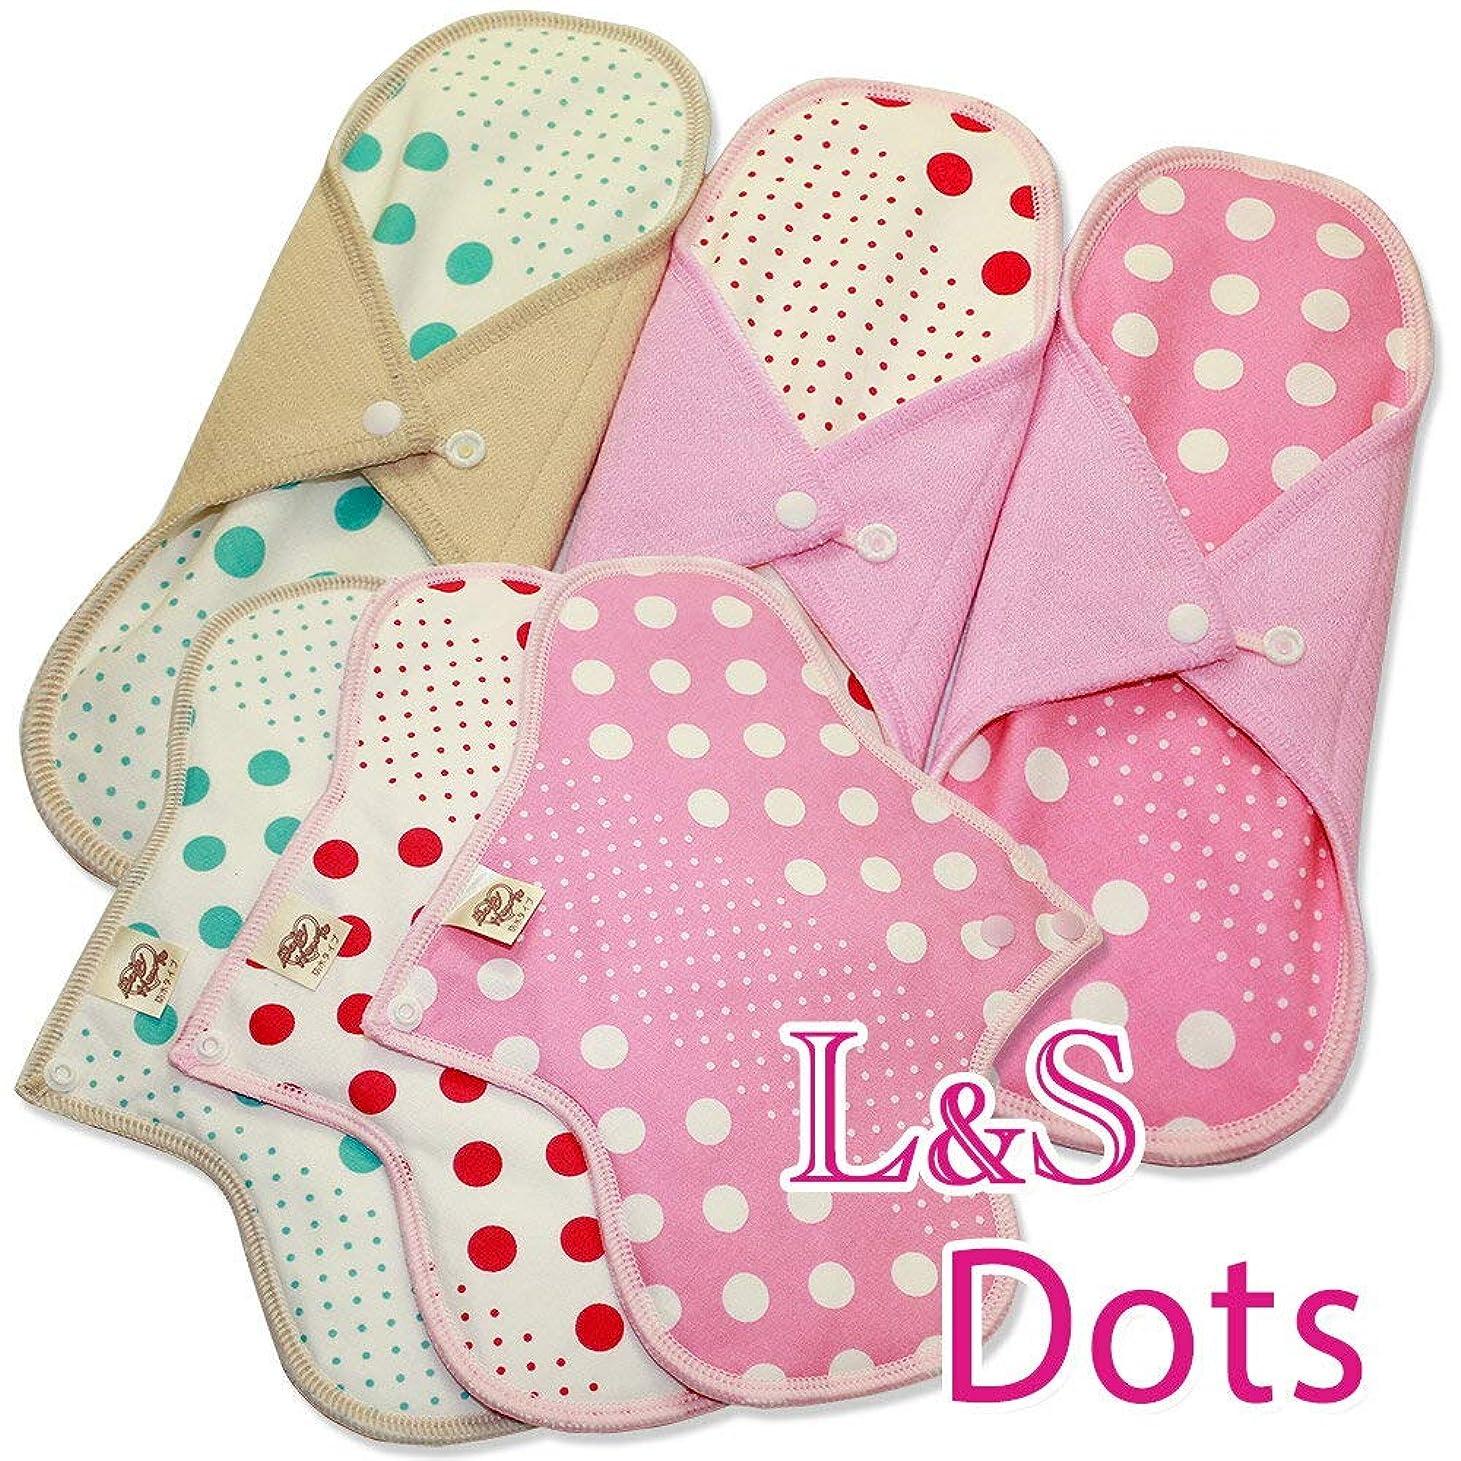 ストローに賛成用心深い布ナプキン 防水 3枚セット L&S Dots (肌にあたる面:さらふわメッシュ)